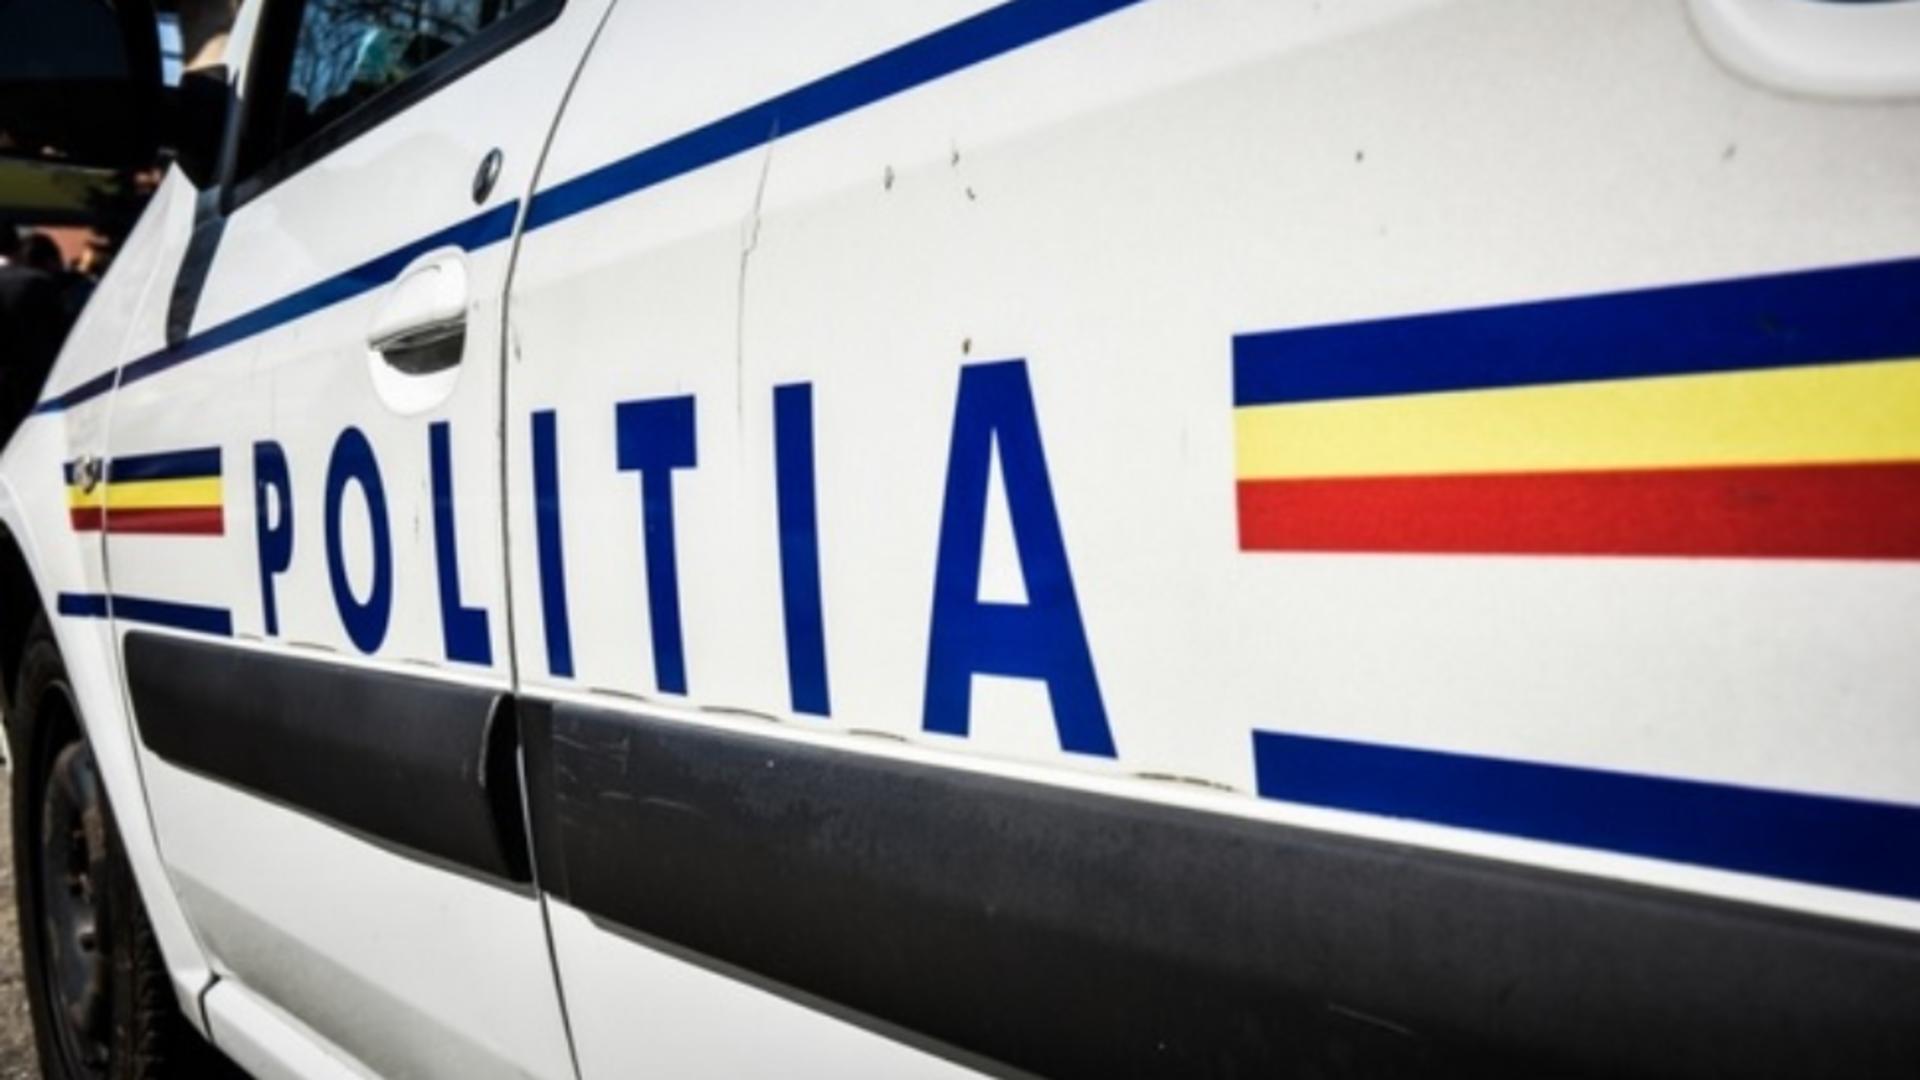 Un român gelos și drogat a încercat să își omoare iubita într-un accident rutier, apoi a vrut s-o arunce de pe pod